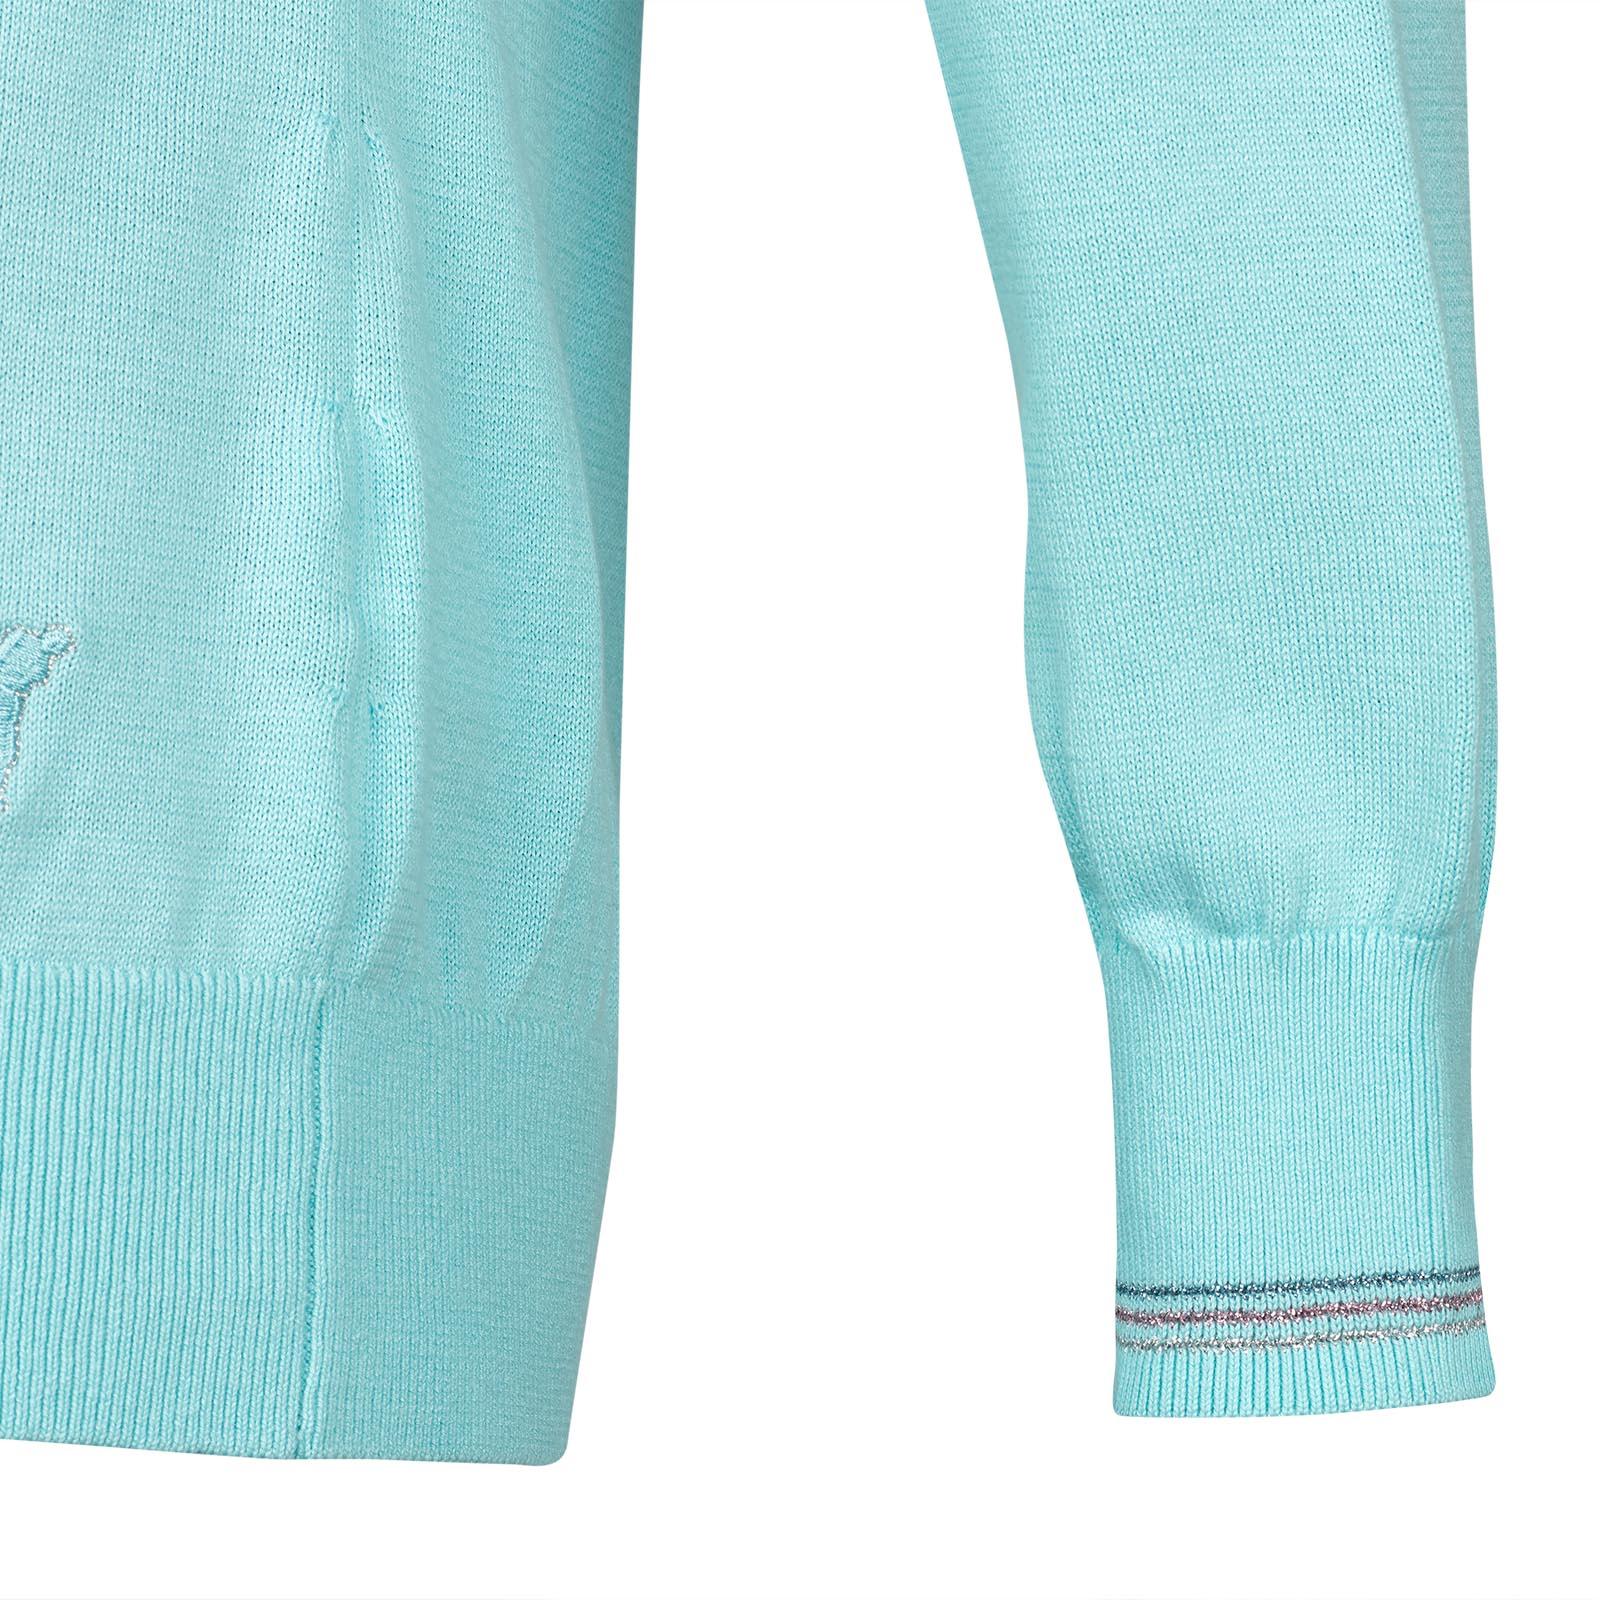 Damen Strickpullover aus edler Baumwolle mit schimmernden Details